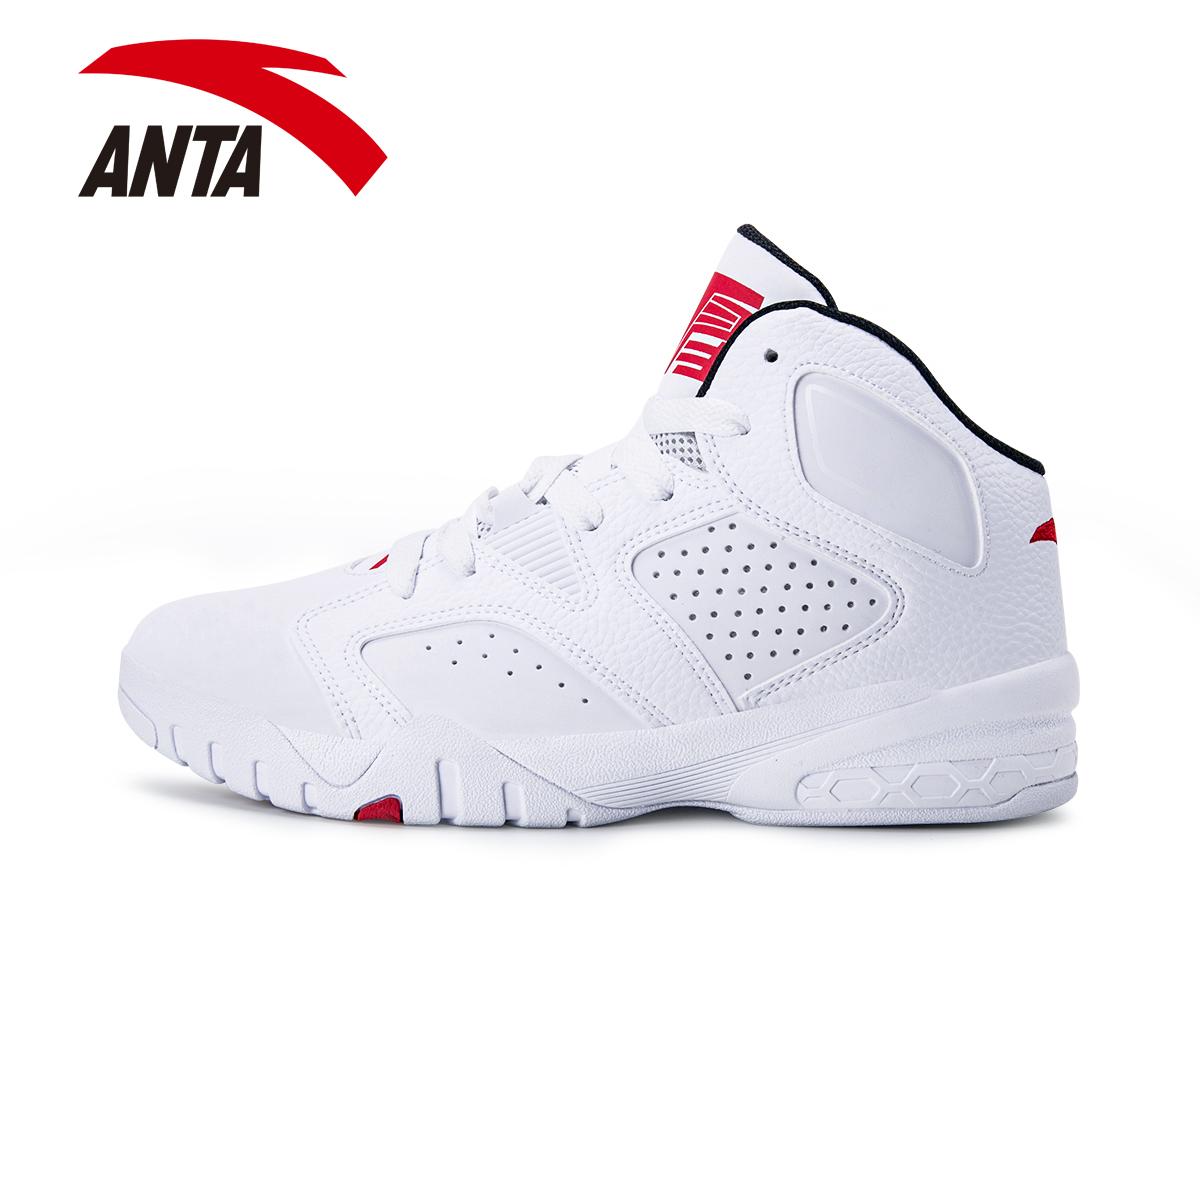 баскетбольные кроссовки Anta 2015 11431137